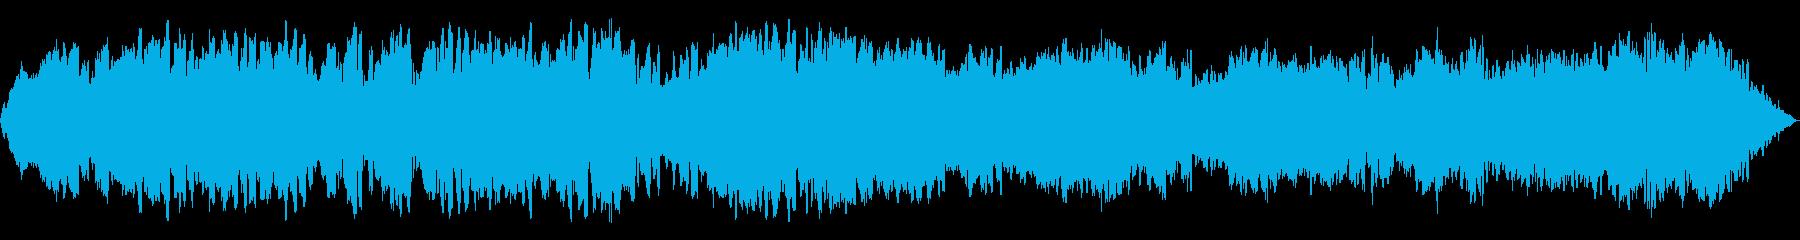 振動する静的、SCI FIエイリア...の再生済みの波形